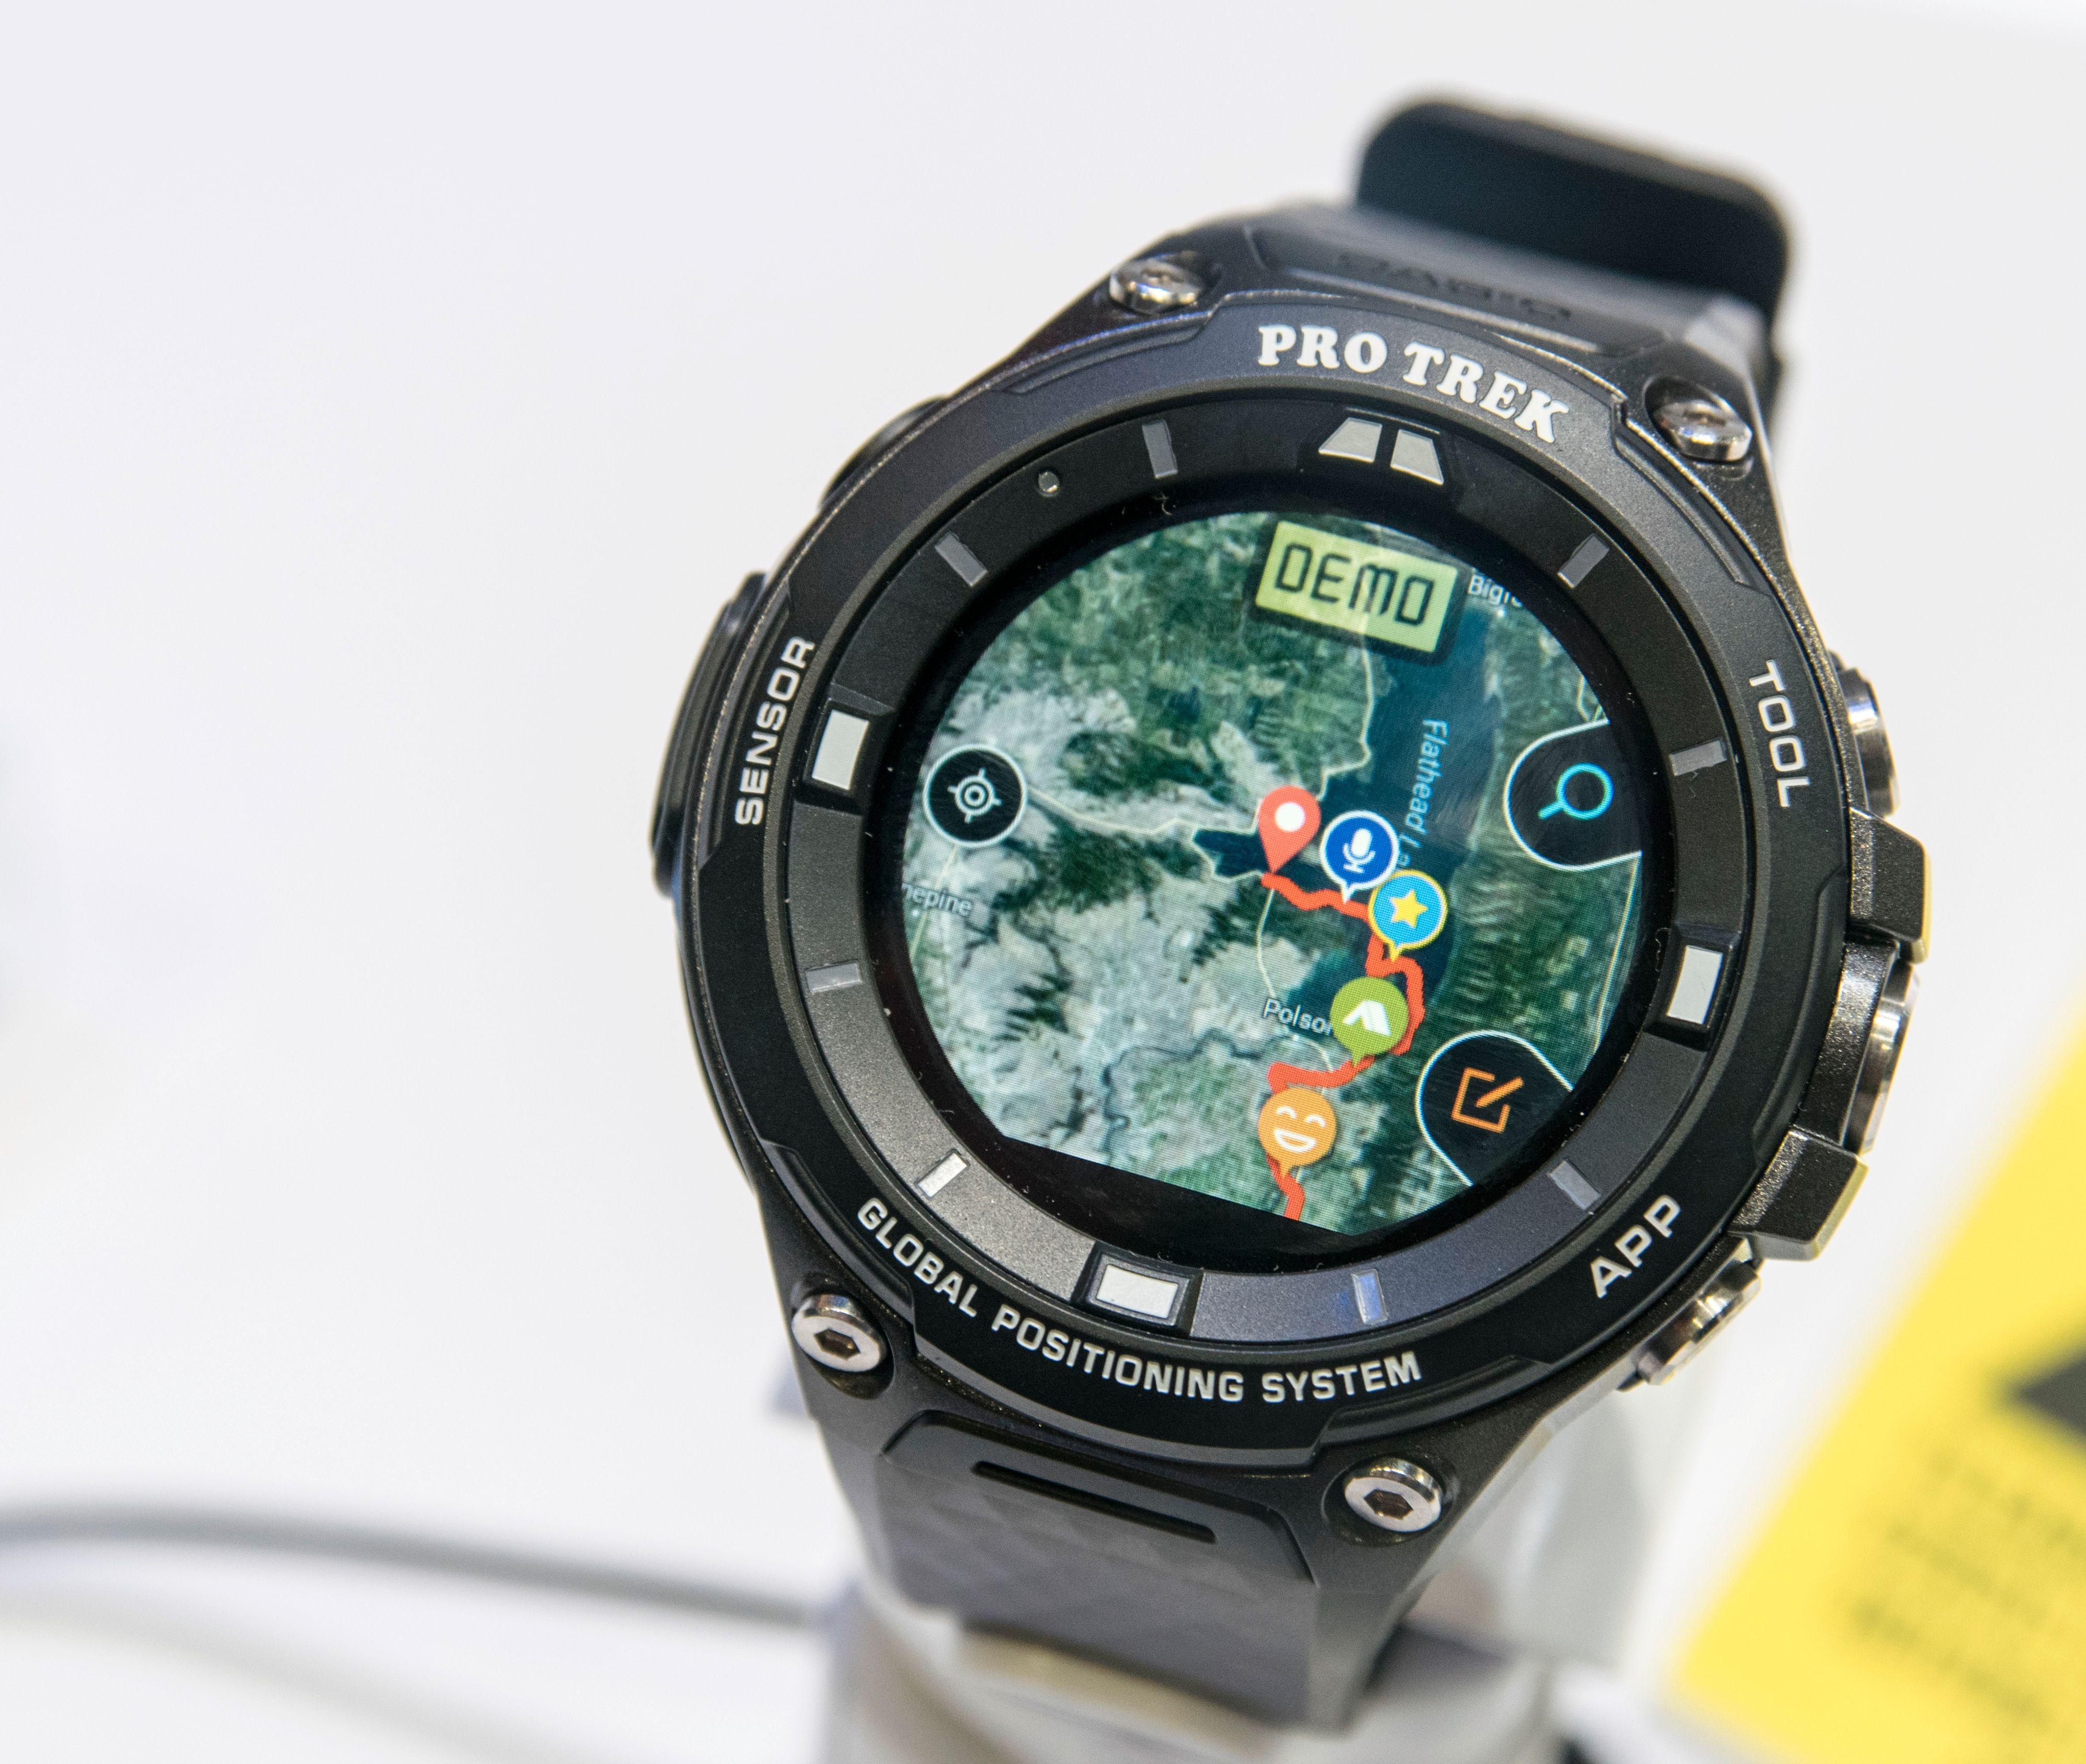 Installer kart på klokken, og få den til å huske hvor du har gått.